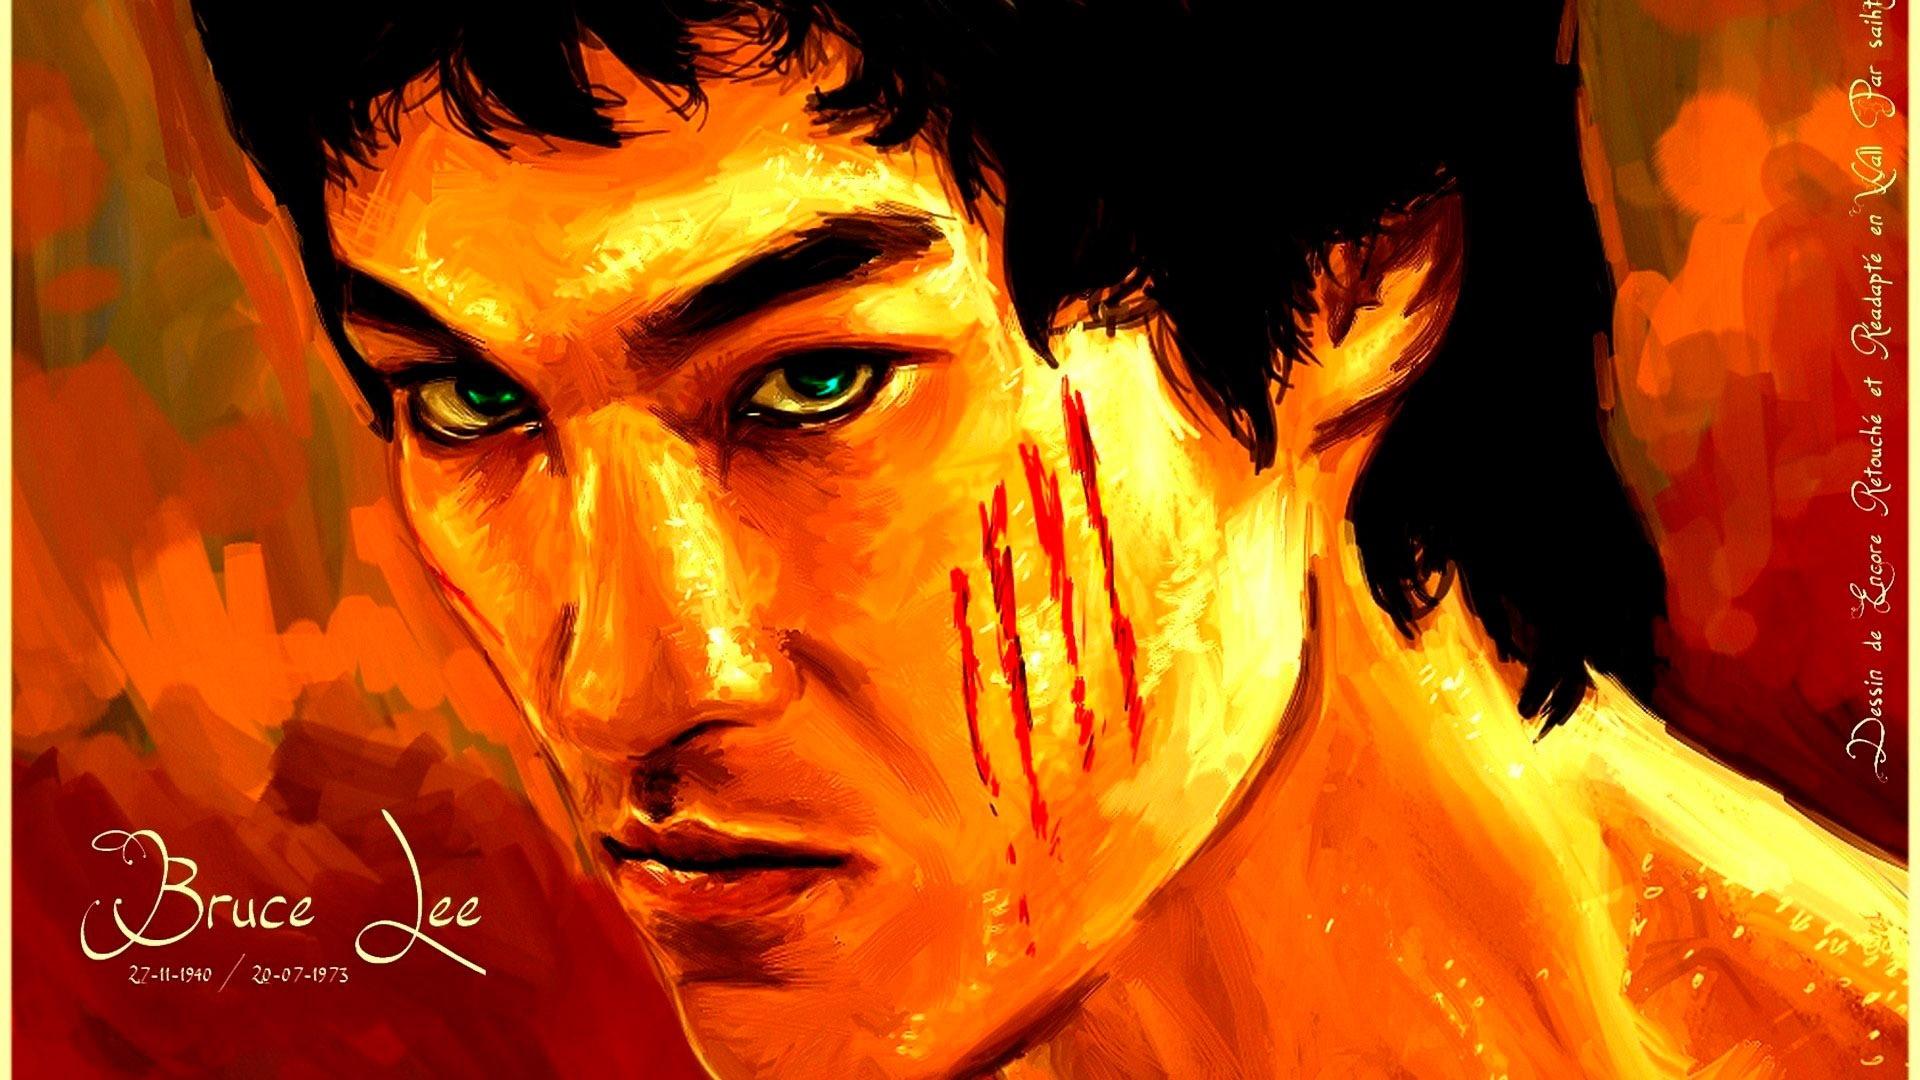 Bruce Lee For Desktop